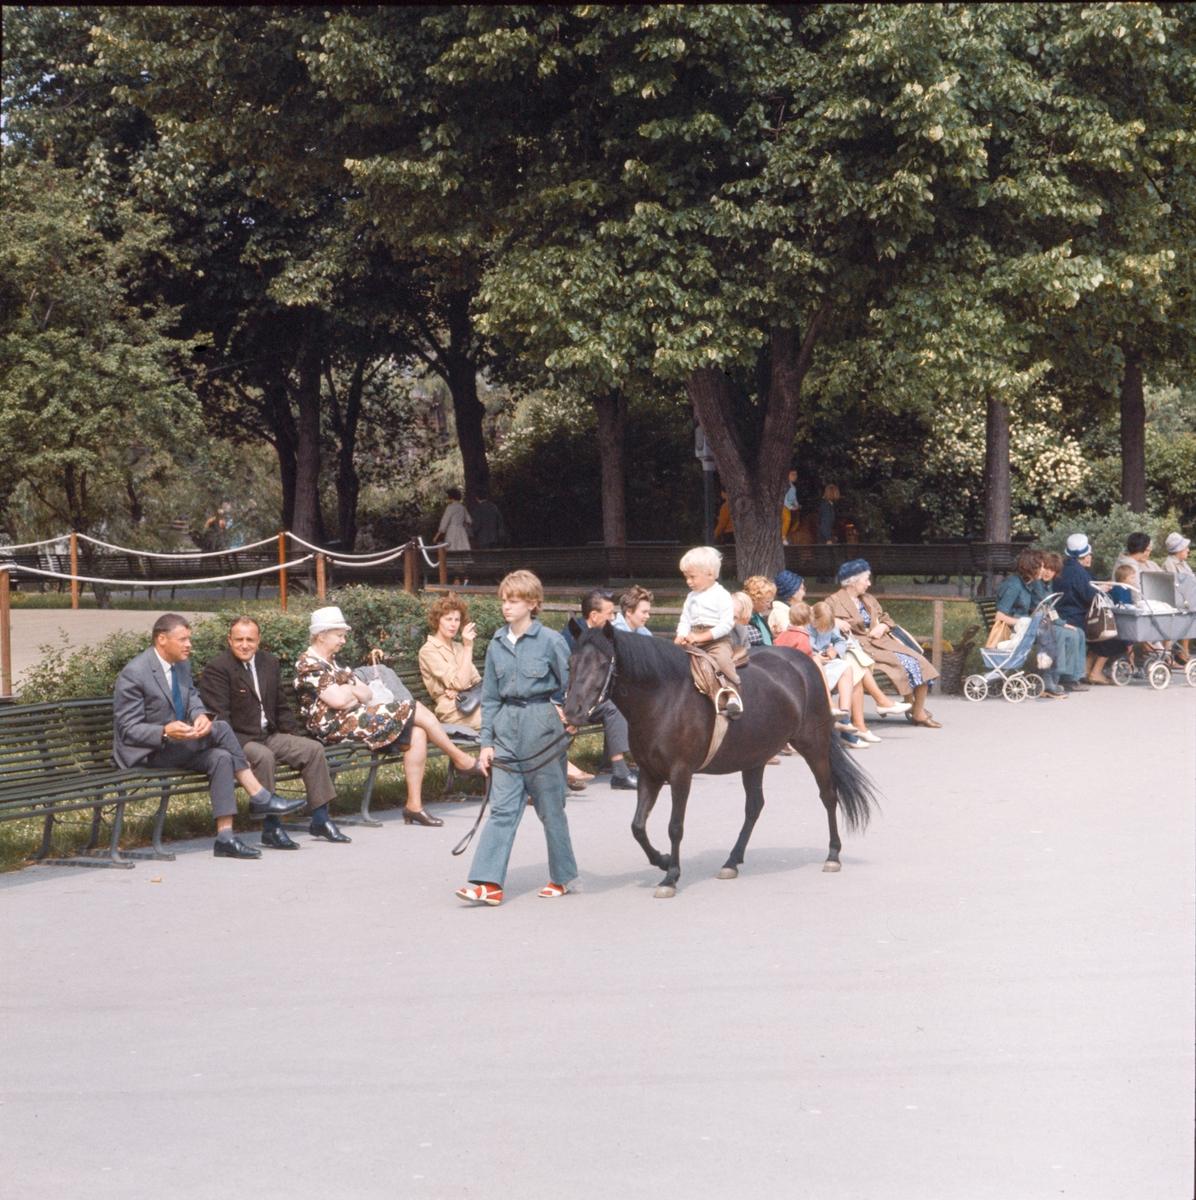 Aktiviteter på Marknadsgatan. Skansens gäster, ponnyridning.